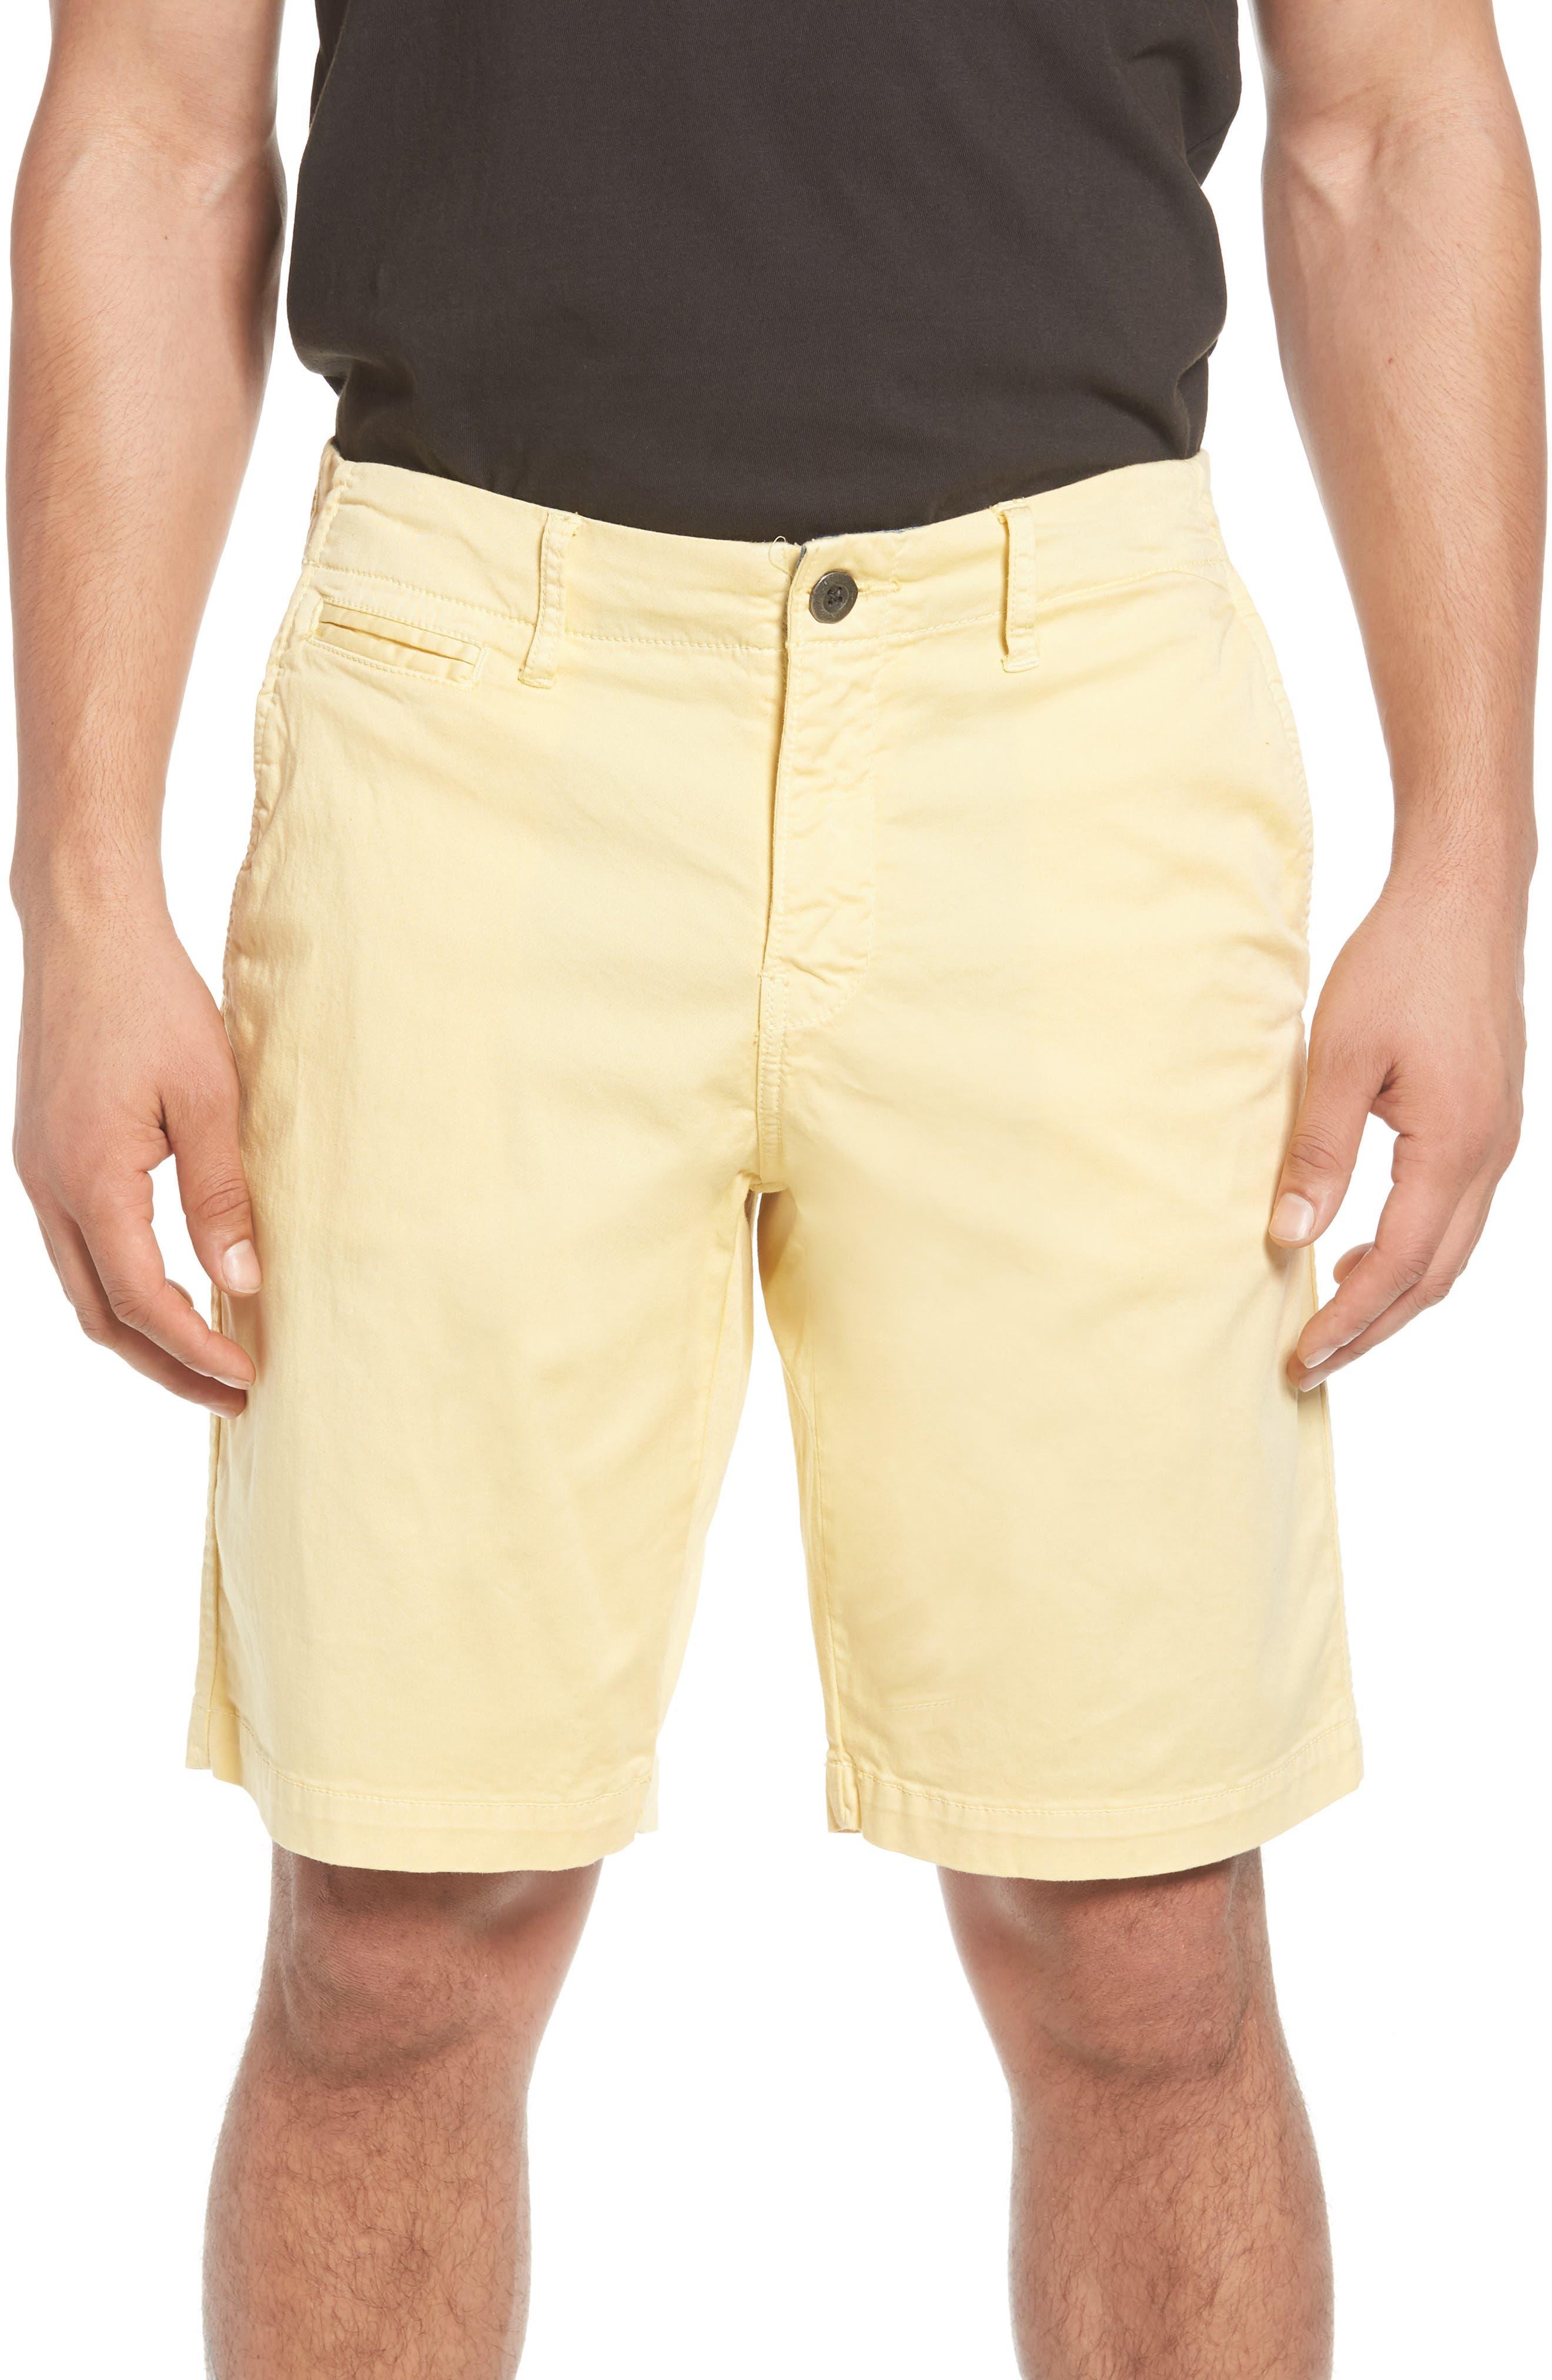 St. Barts Twill Shorts,                             Main thumbnail 12, color,